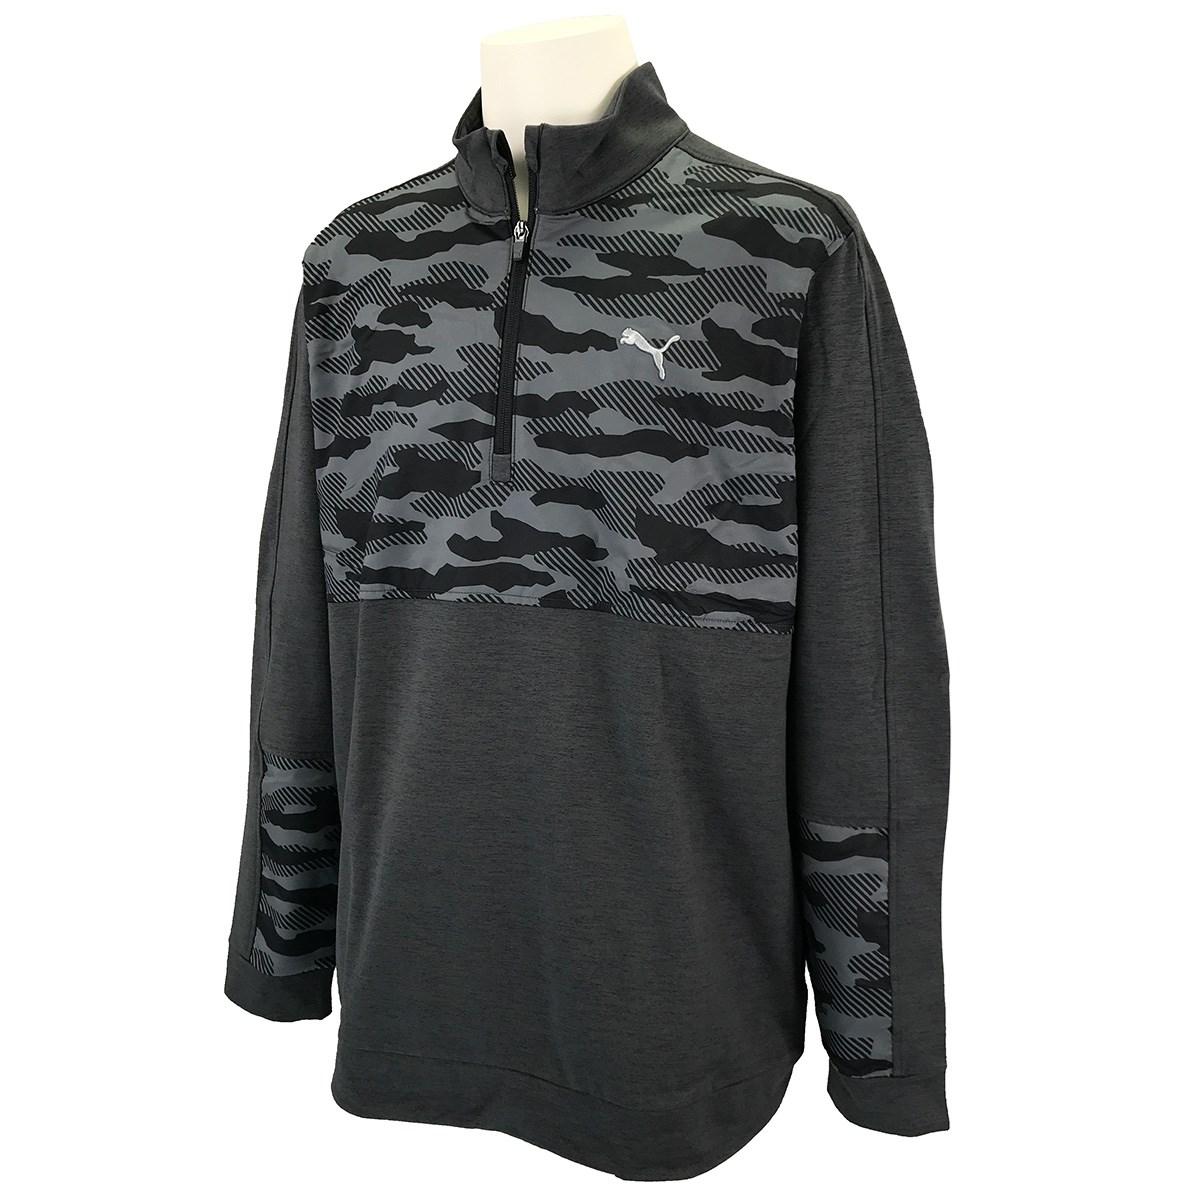 プーマ PUMA クラウドスパン カモ 1/4ジップ 長袖シャツ XS プーマブラック 02